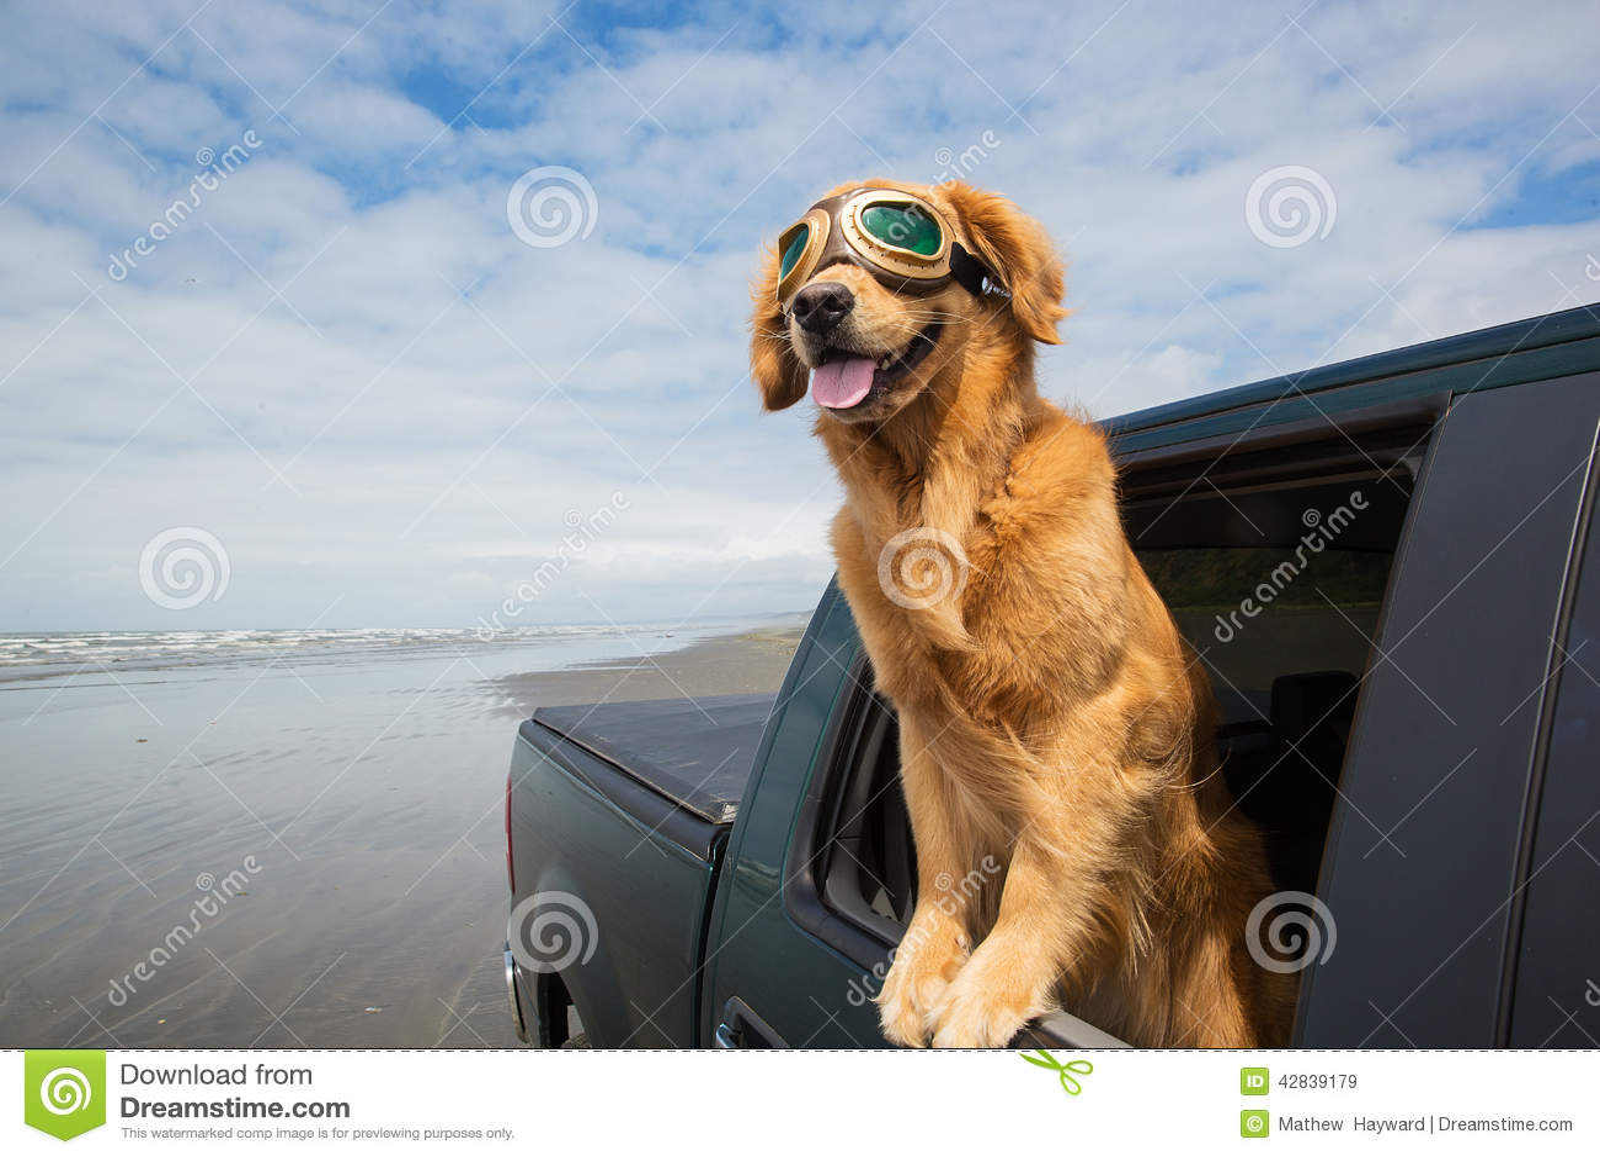 Voyage par la route pour un chien